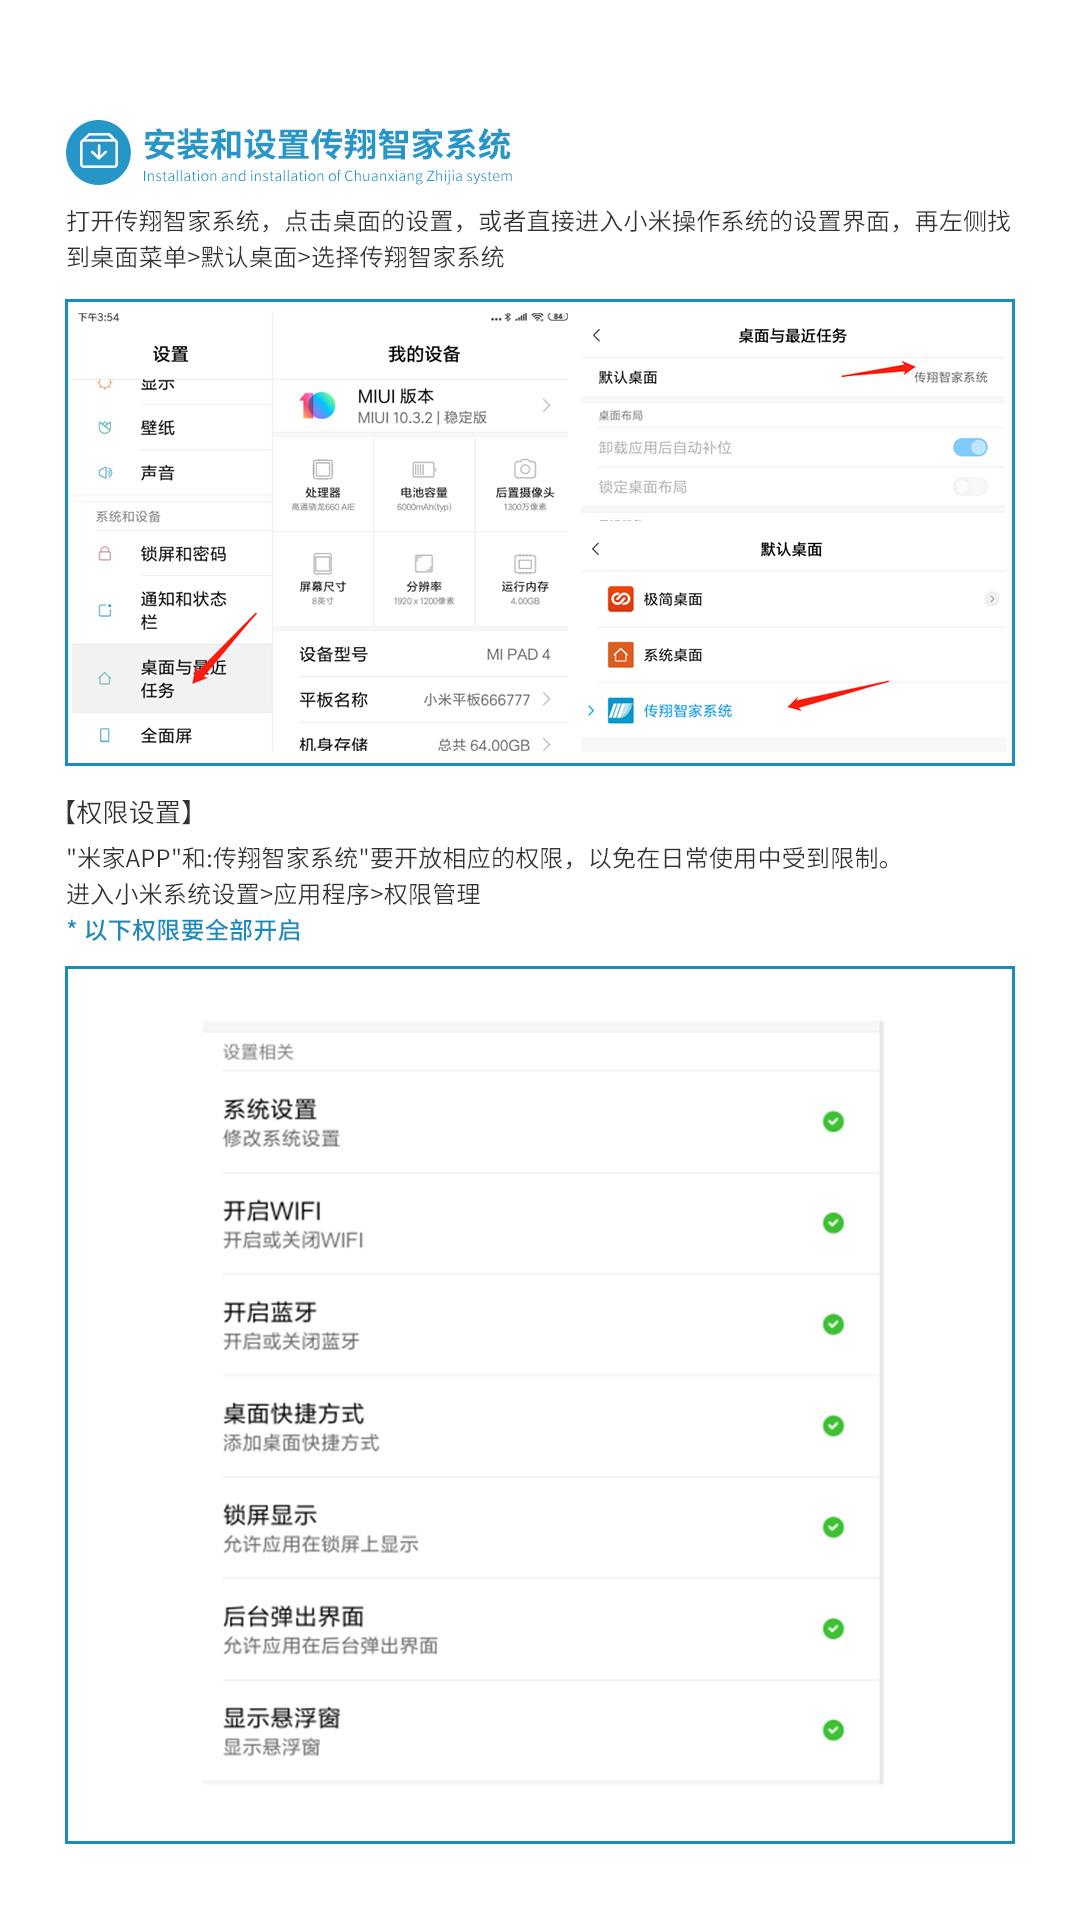 传翔智家系统2020版使用说明书第二页1080x1920.jpg